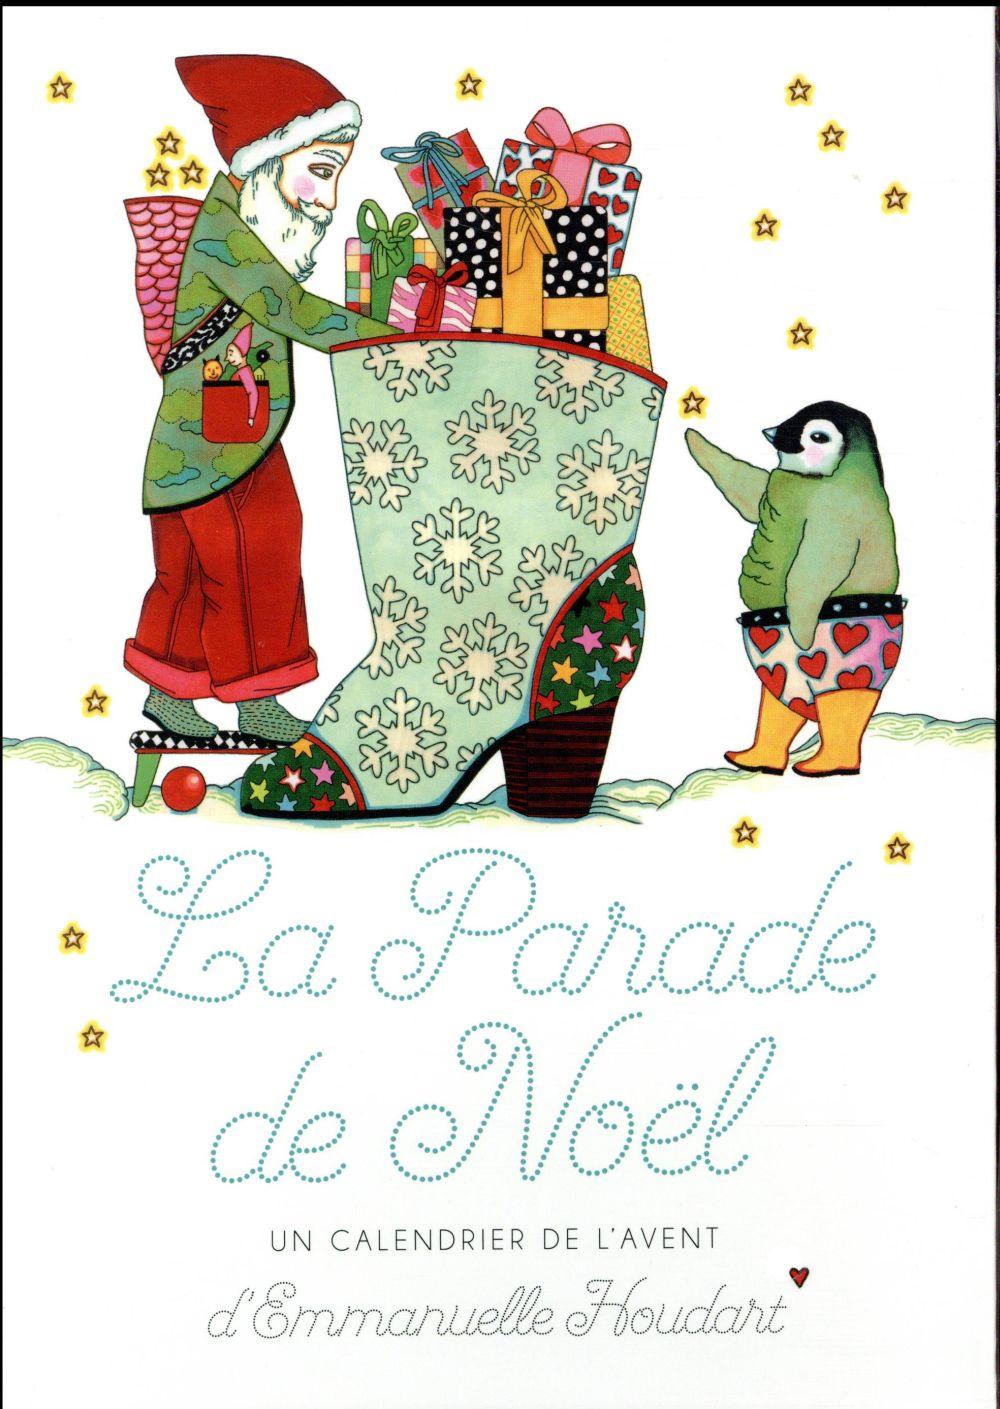 La parade de Noël ; un calendrier de l'avent